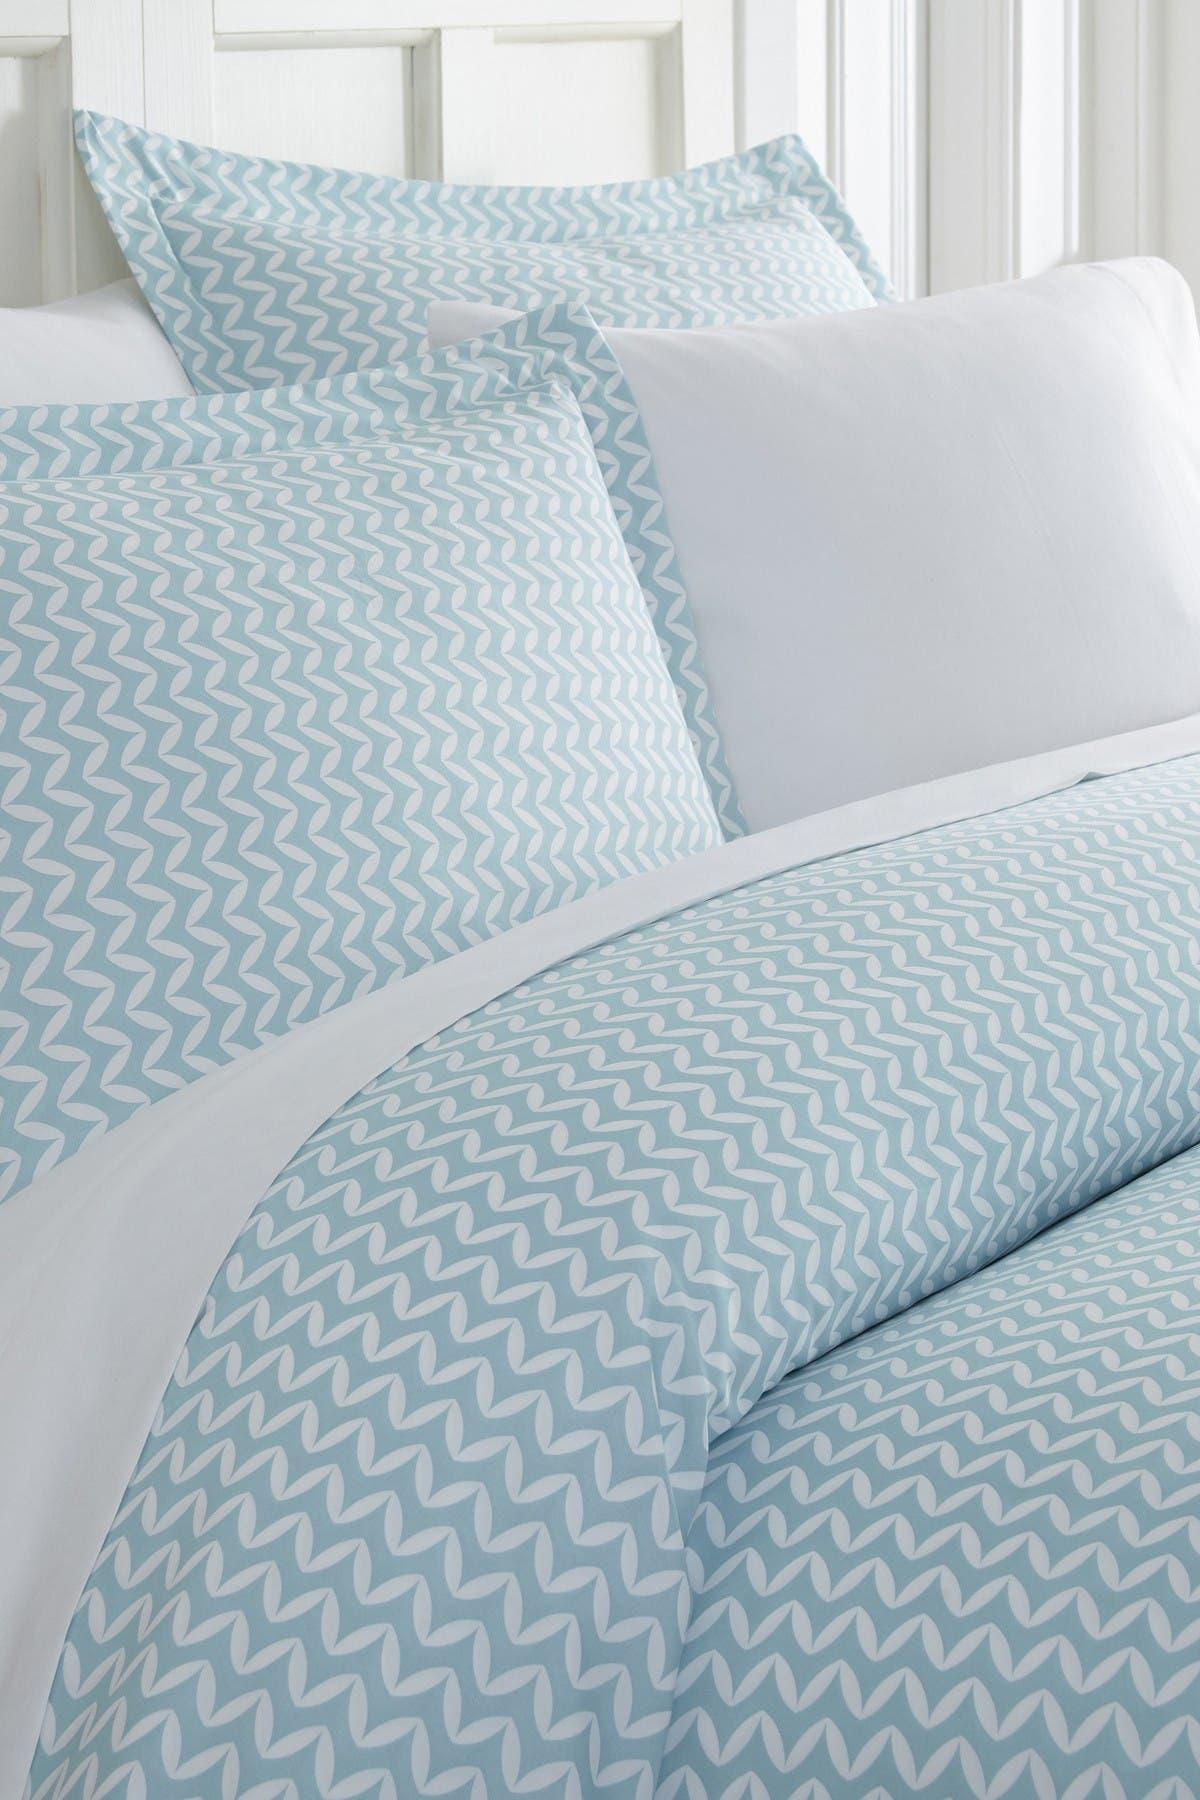 IENJOY HOME Home Spun Premium Ultra Soft 3-Piece Puffed Chevron Print Duvet Cover Queen Set - Light Blue at Nordstrom Rack